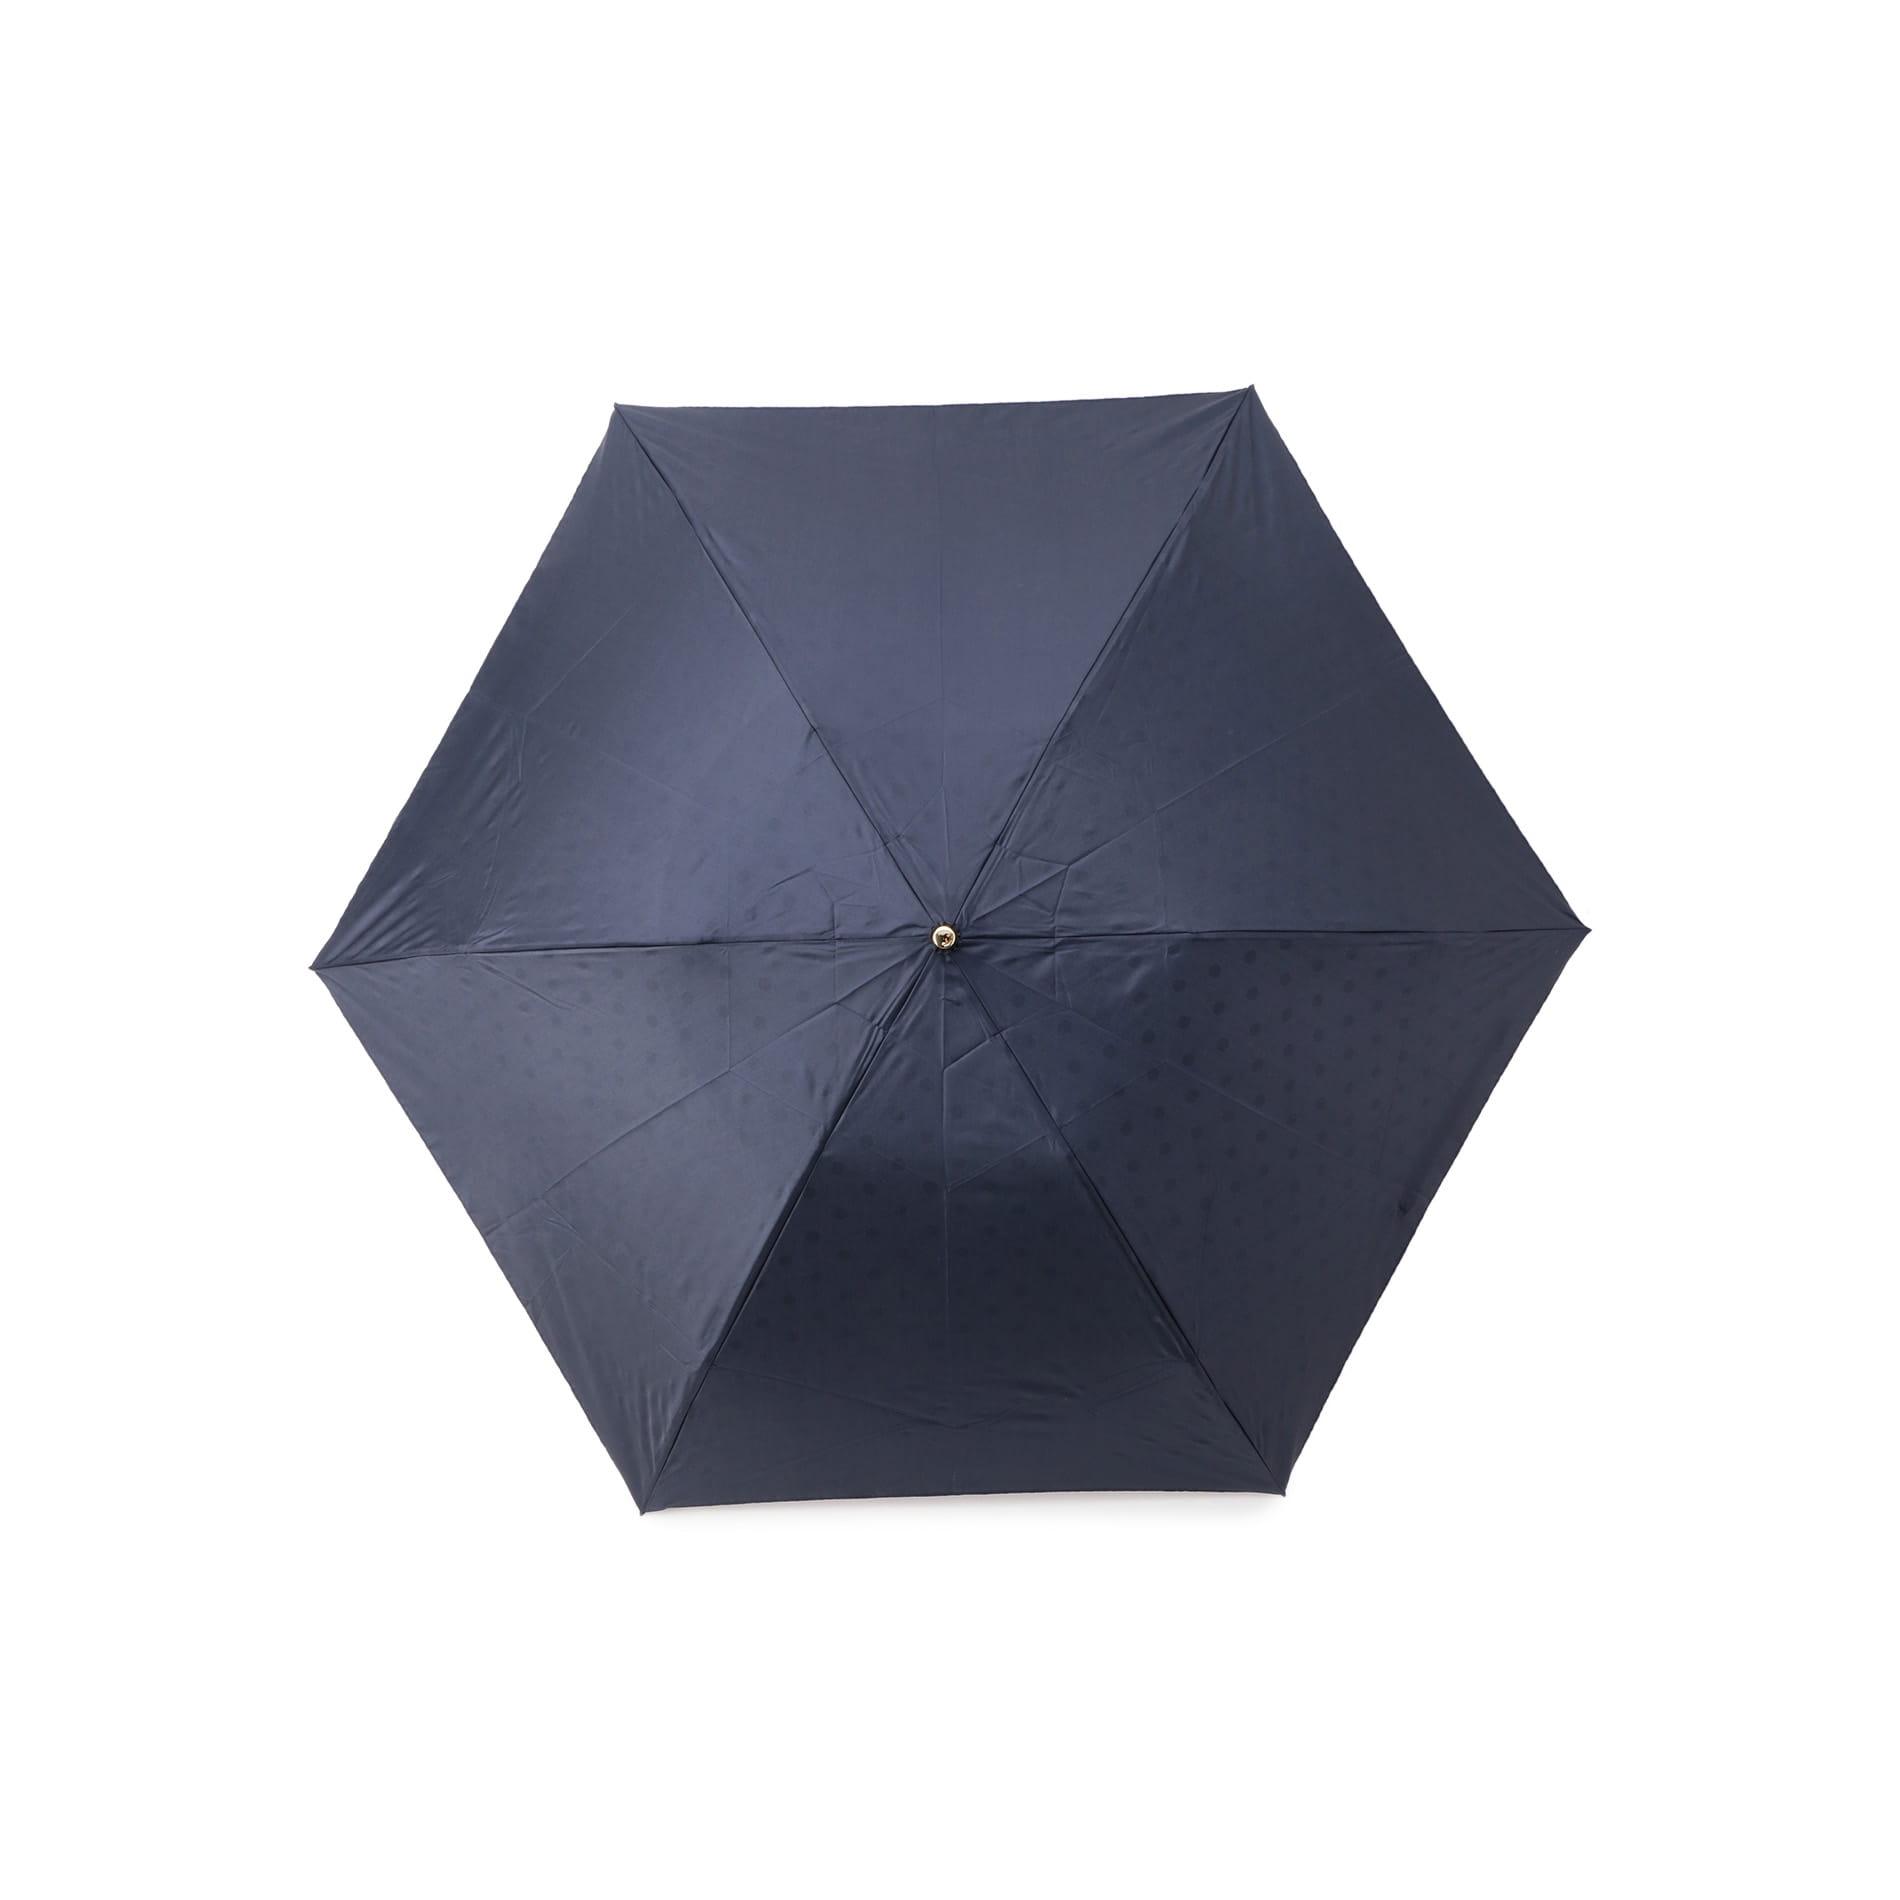 【晴雨兼用】裏ドット軽量傘